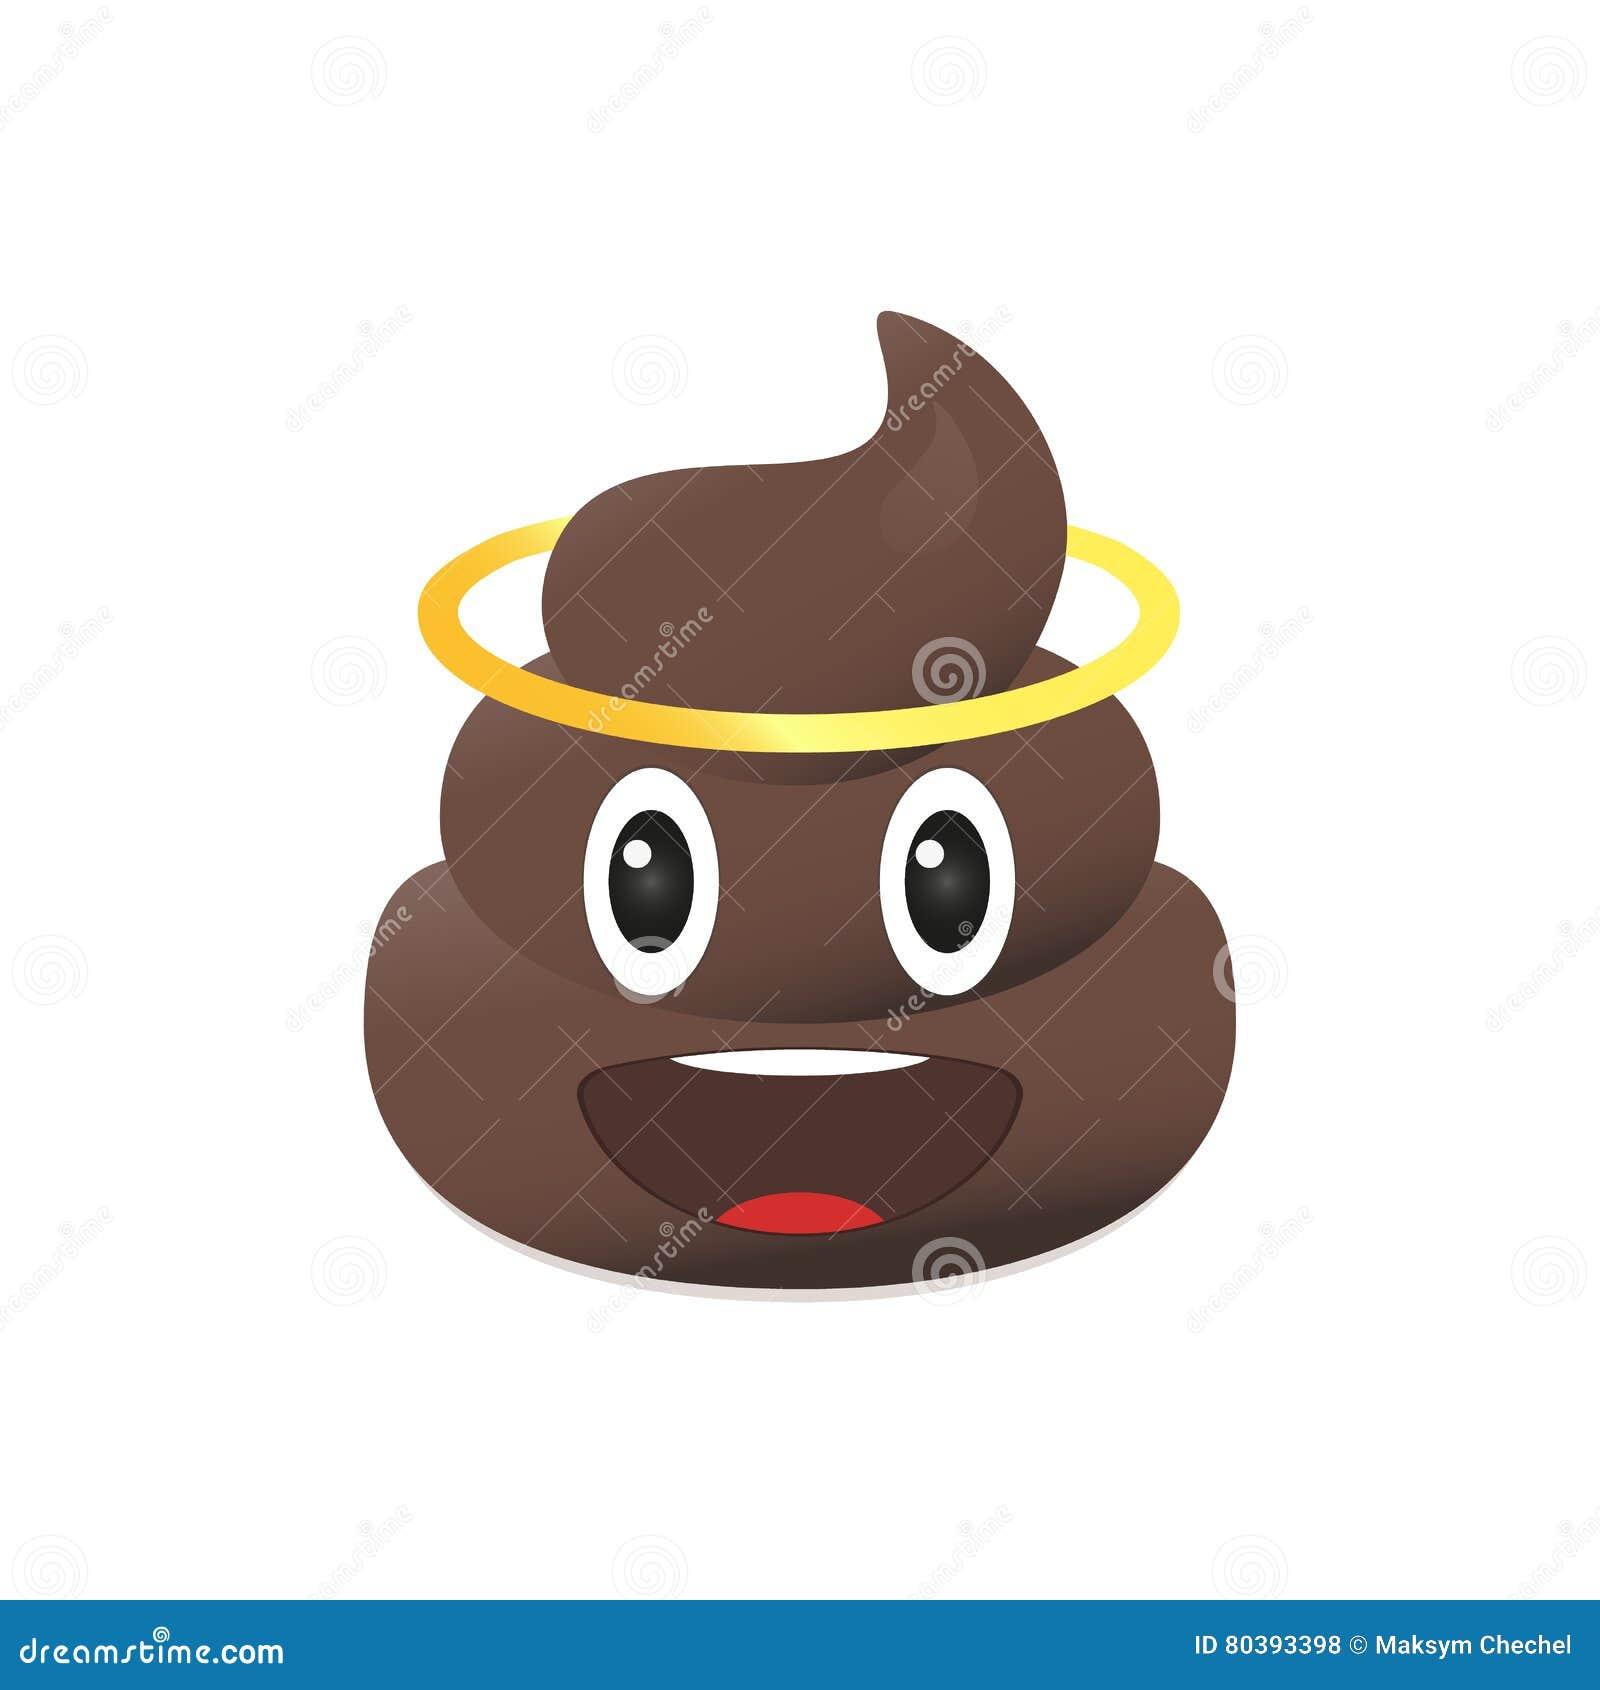 Scheiße emoji Poo-Emoticon Heckgesicht lokalisiert